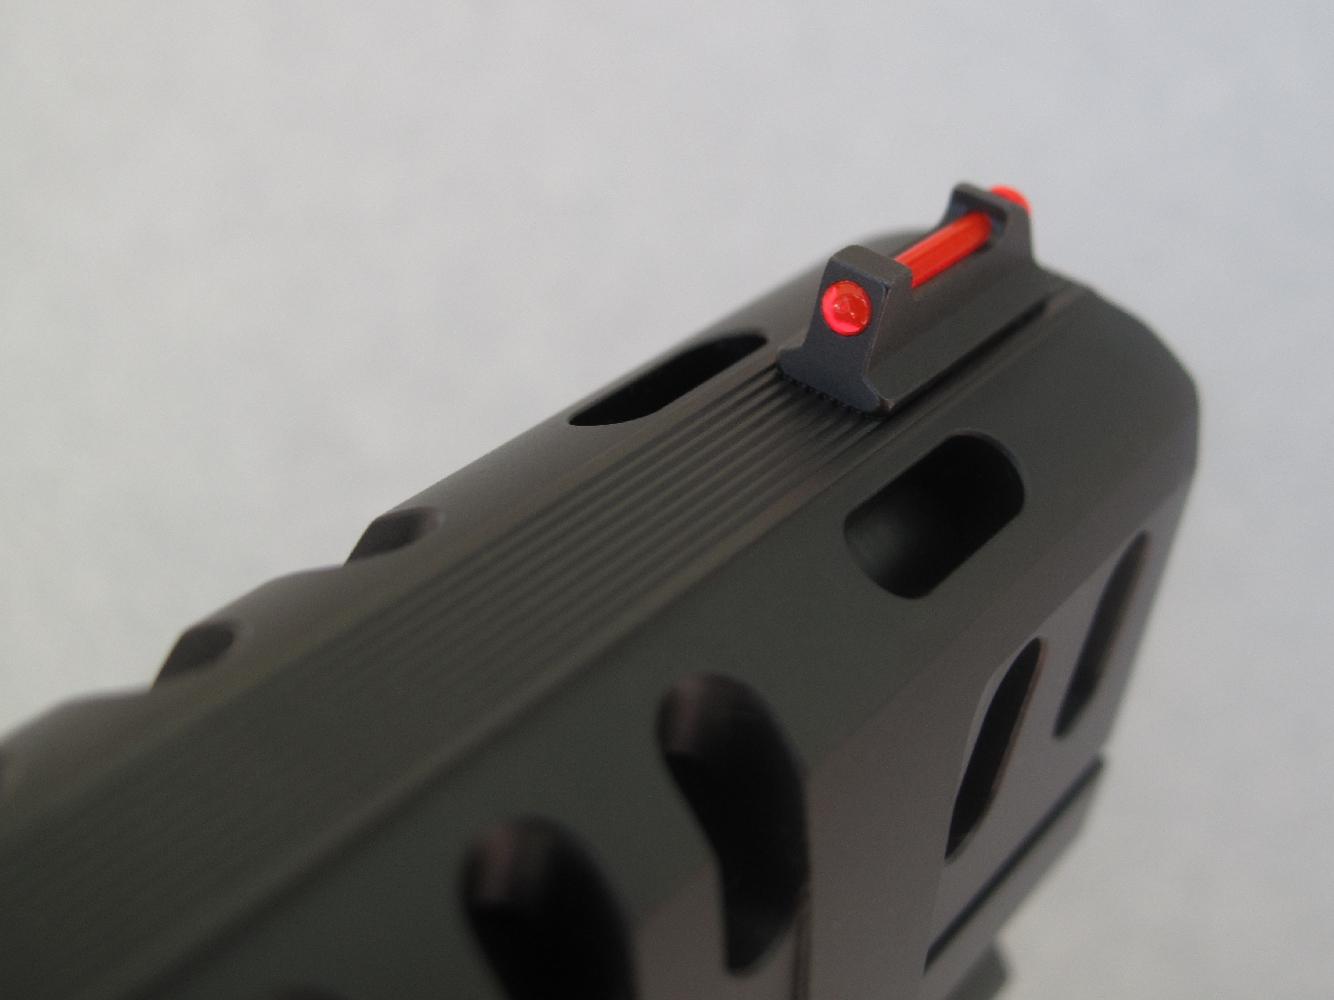 Ce pistolet dispose d'un guidon intégrant une fibre optique de couleur rouge de façon à améliorer les contrastes.